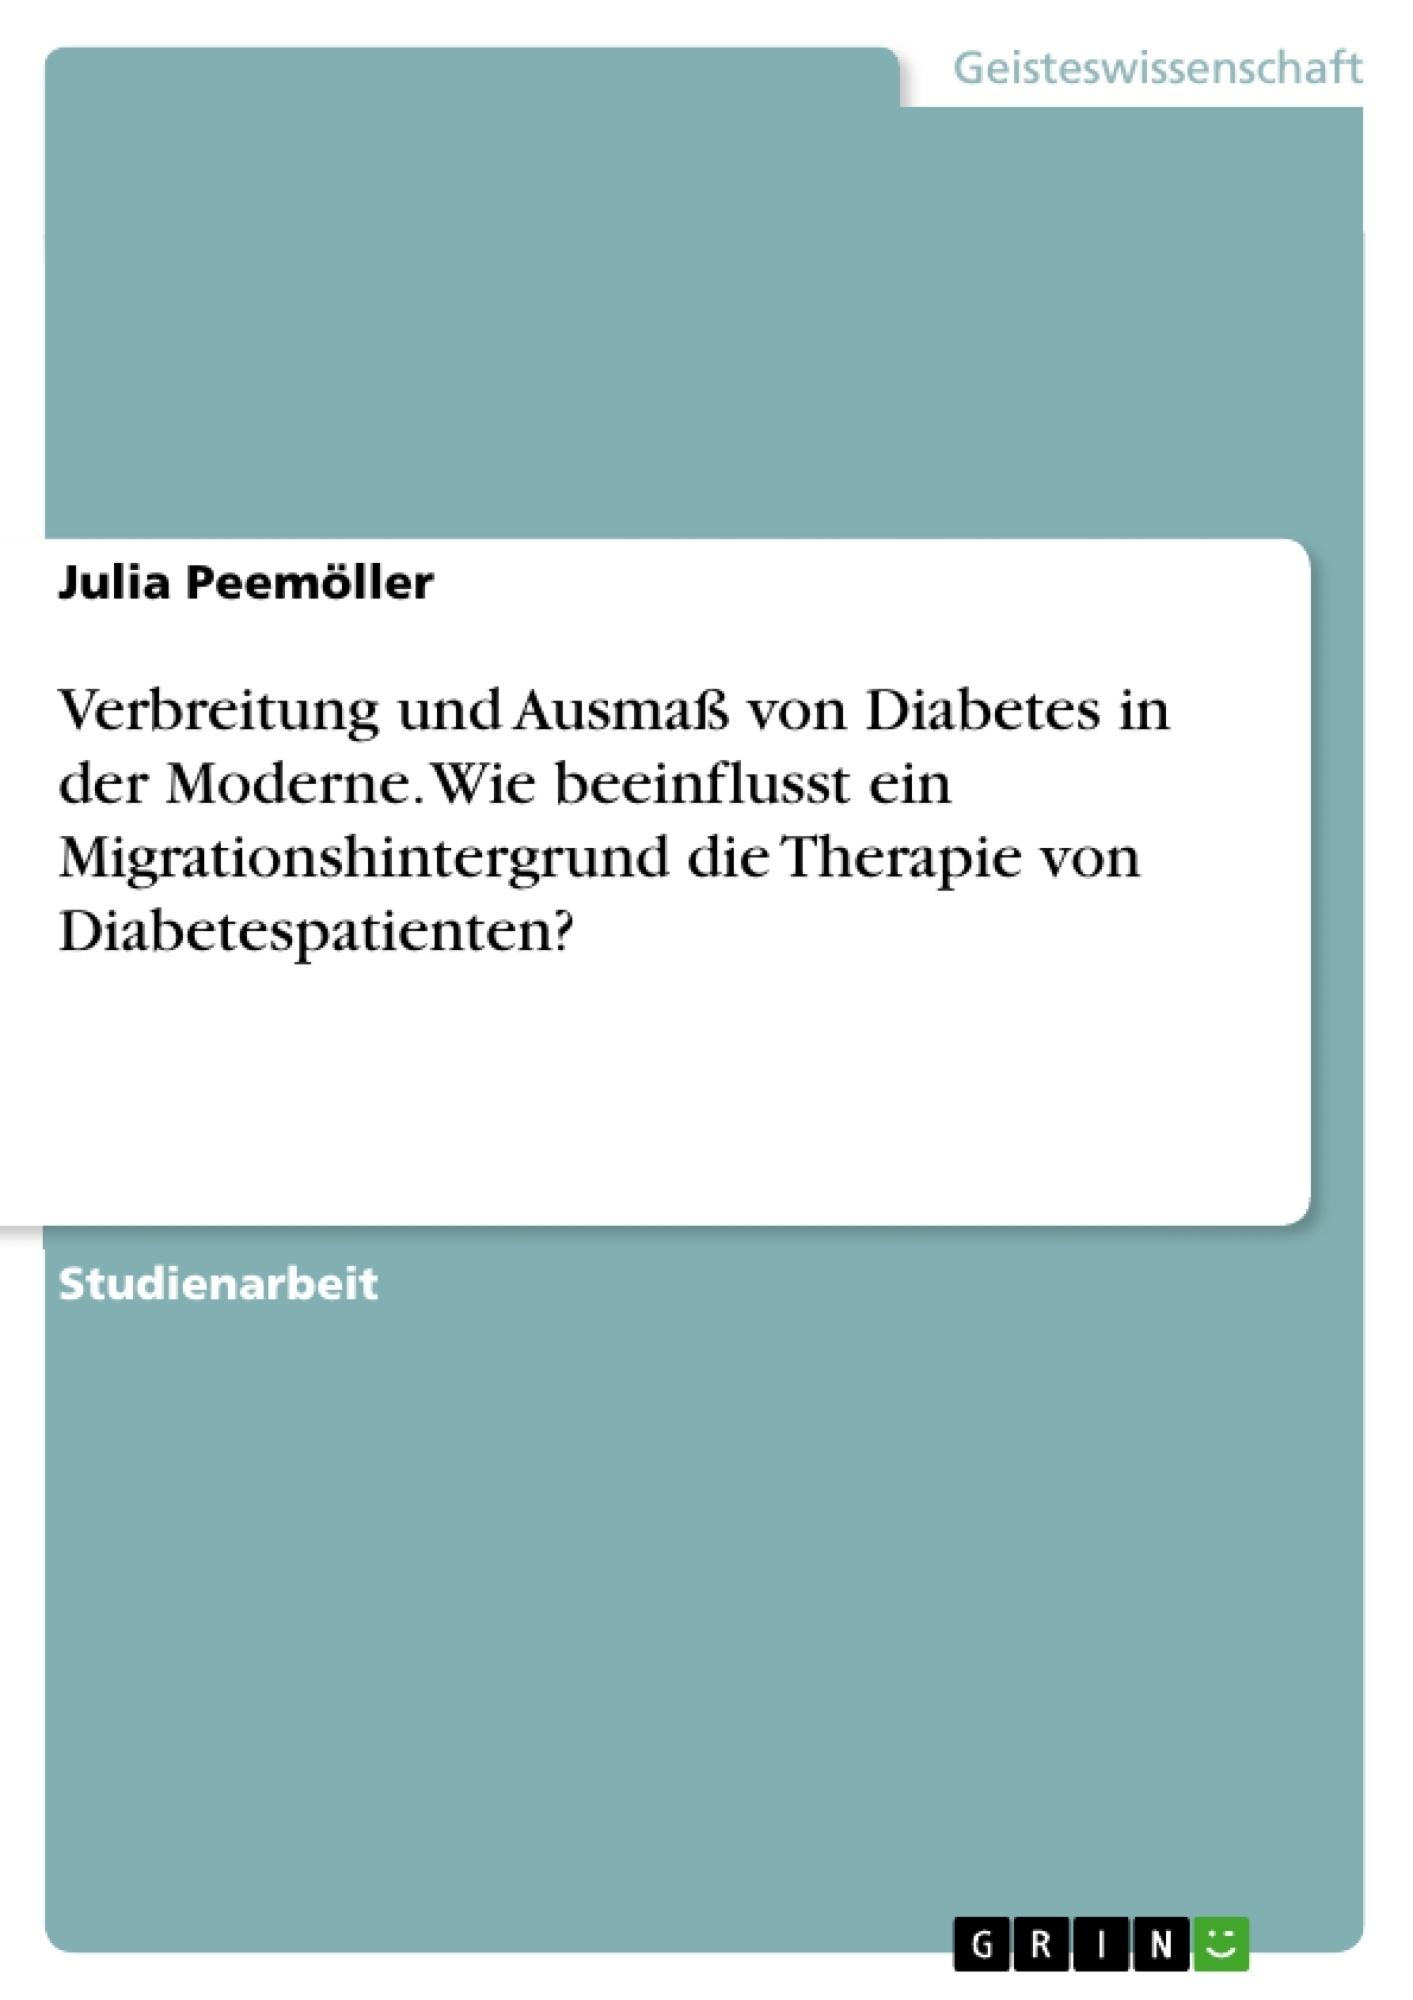 Titel: Verbreitung und Ausmaß von Diabetes in der Moderne. Wie beeinflusst ein Migrationshintergrund  die Therapie von Diabetespatienten?